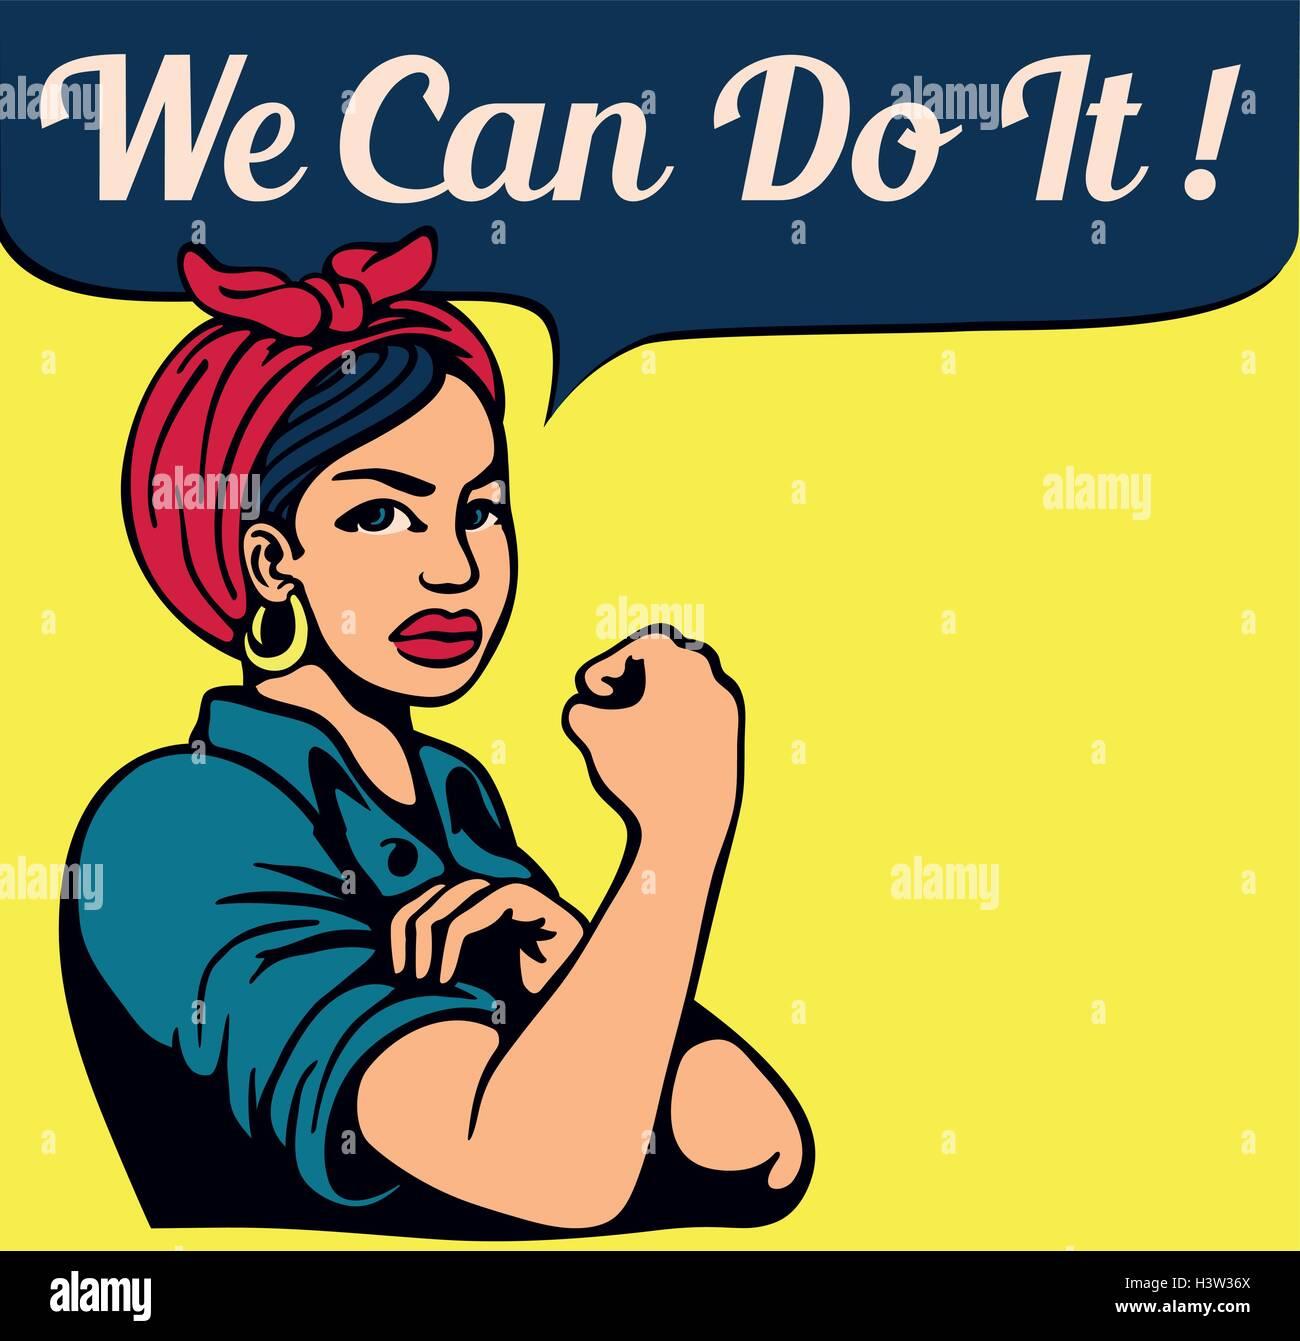 Feministische Ikone Frau ihr aufrollen sleeves, die Befreiung der Frauen, Gleichstellung der Geschlechter, Frauenpower, Stockbild